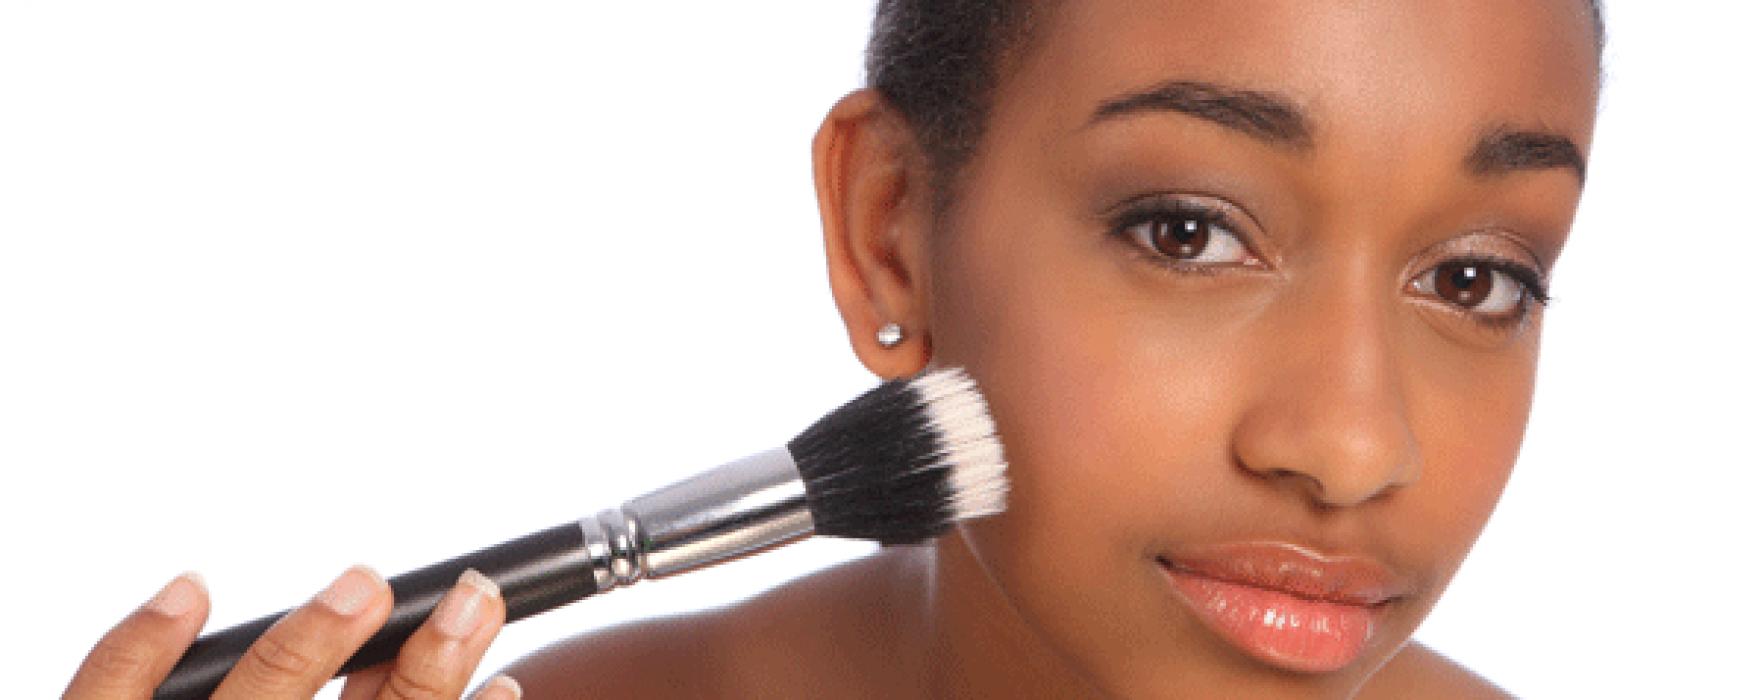 Make-up is leuk om mee te experimenteren en kan er geweldig uit zien wanneer het goed gedaan is. Maar vele van ons durven het niet aan, of zijn niet zeker genoeg om de verschillende soorten cosmetica en kleuren die er zijn te verkennen. Make-up kan je beste vriend of je ergste vijand zijn, maar er is hoop voor ons allemaal …http://www.emeral-beautylife.nl/beauty-tips-voor-de-getinte-donkere-huidtinten/